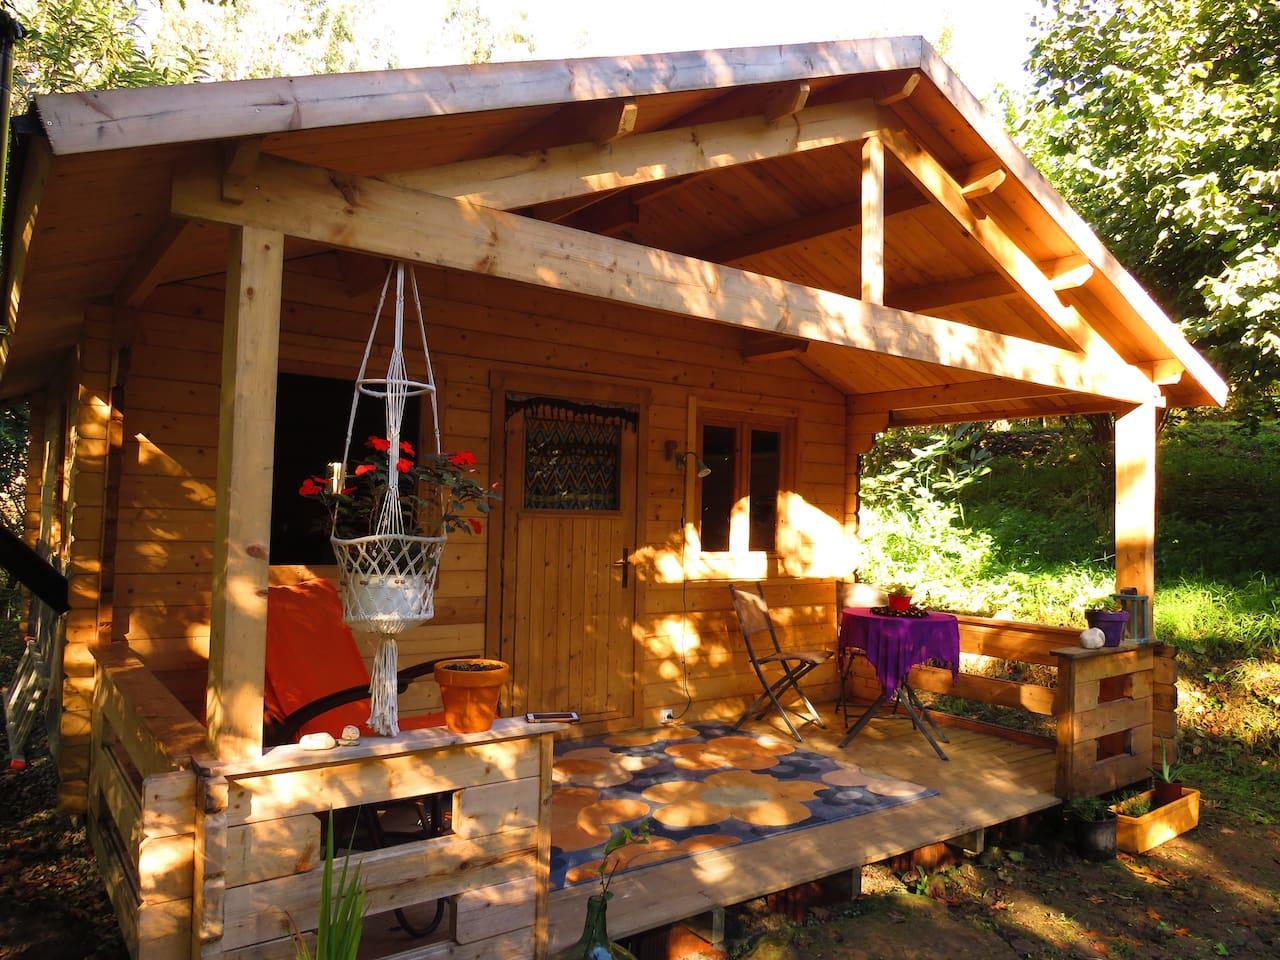 La cabaña del bosque